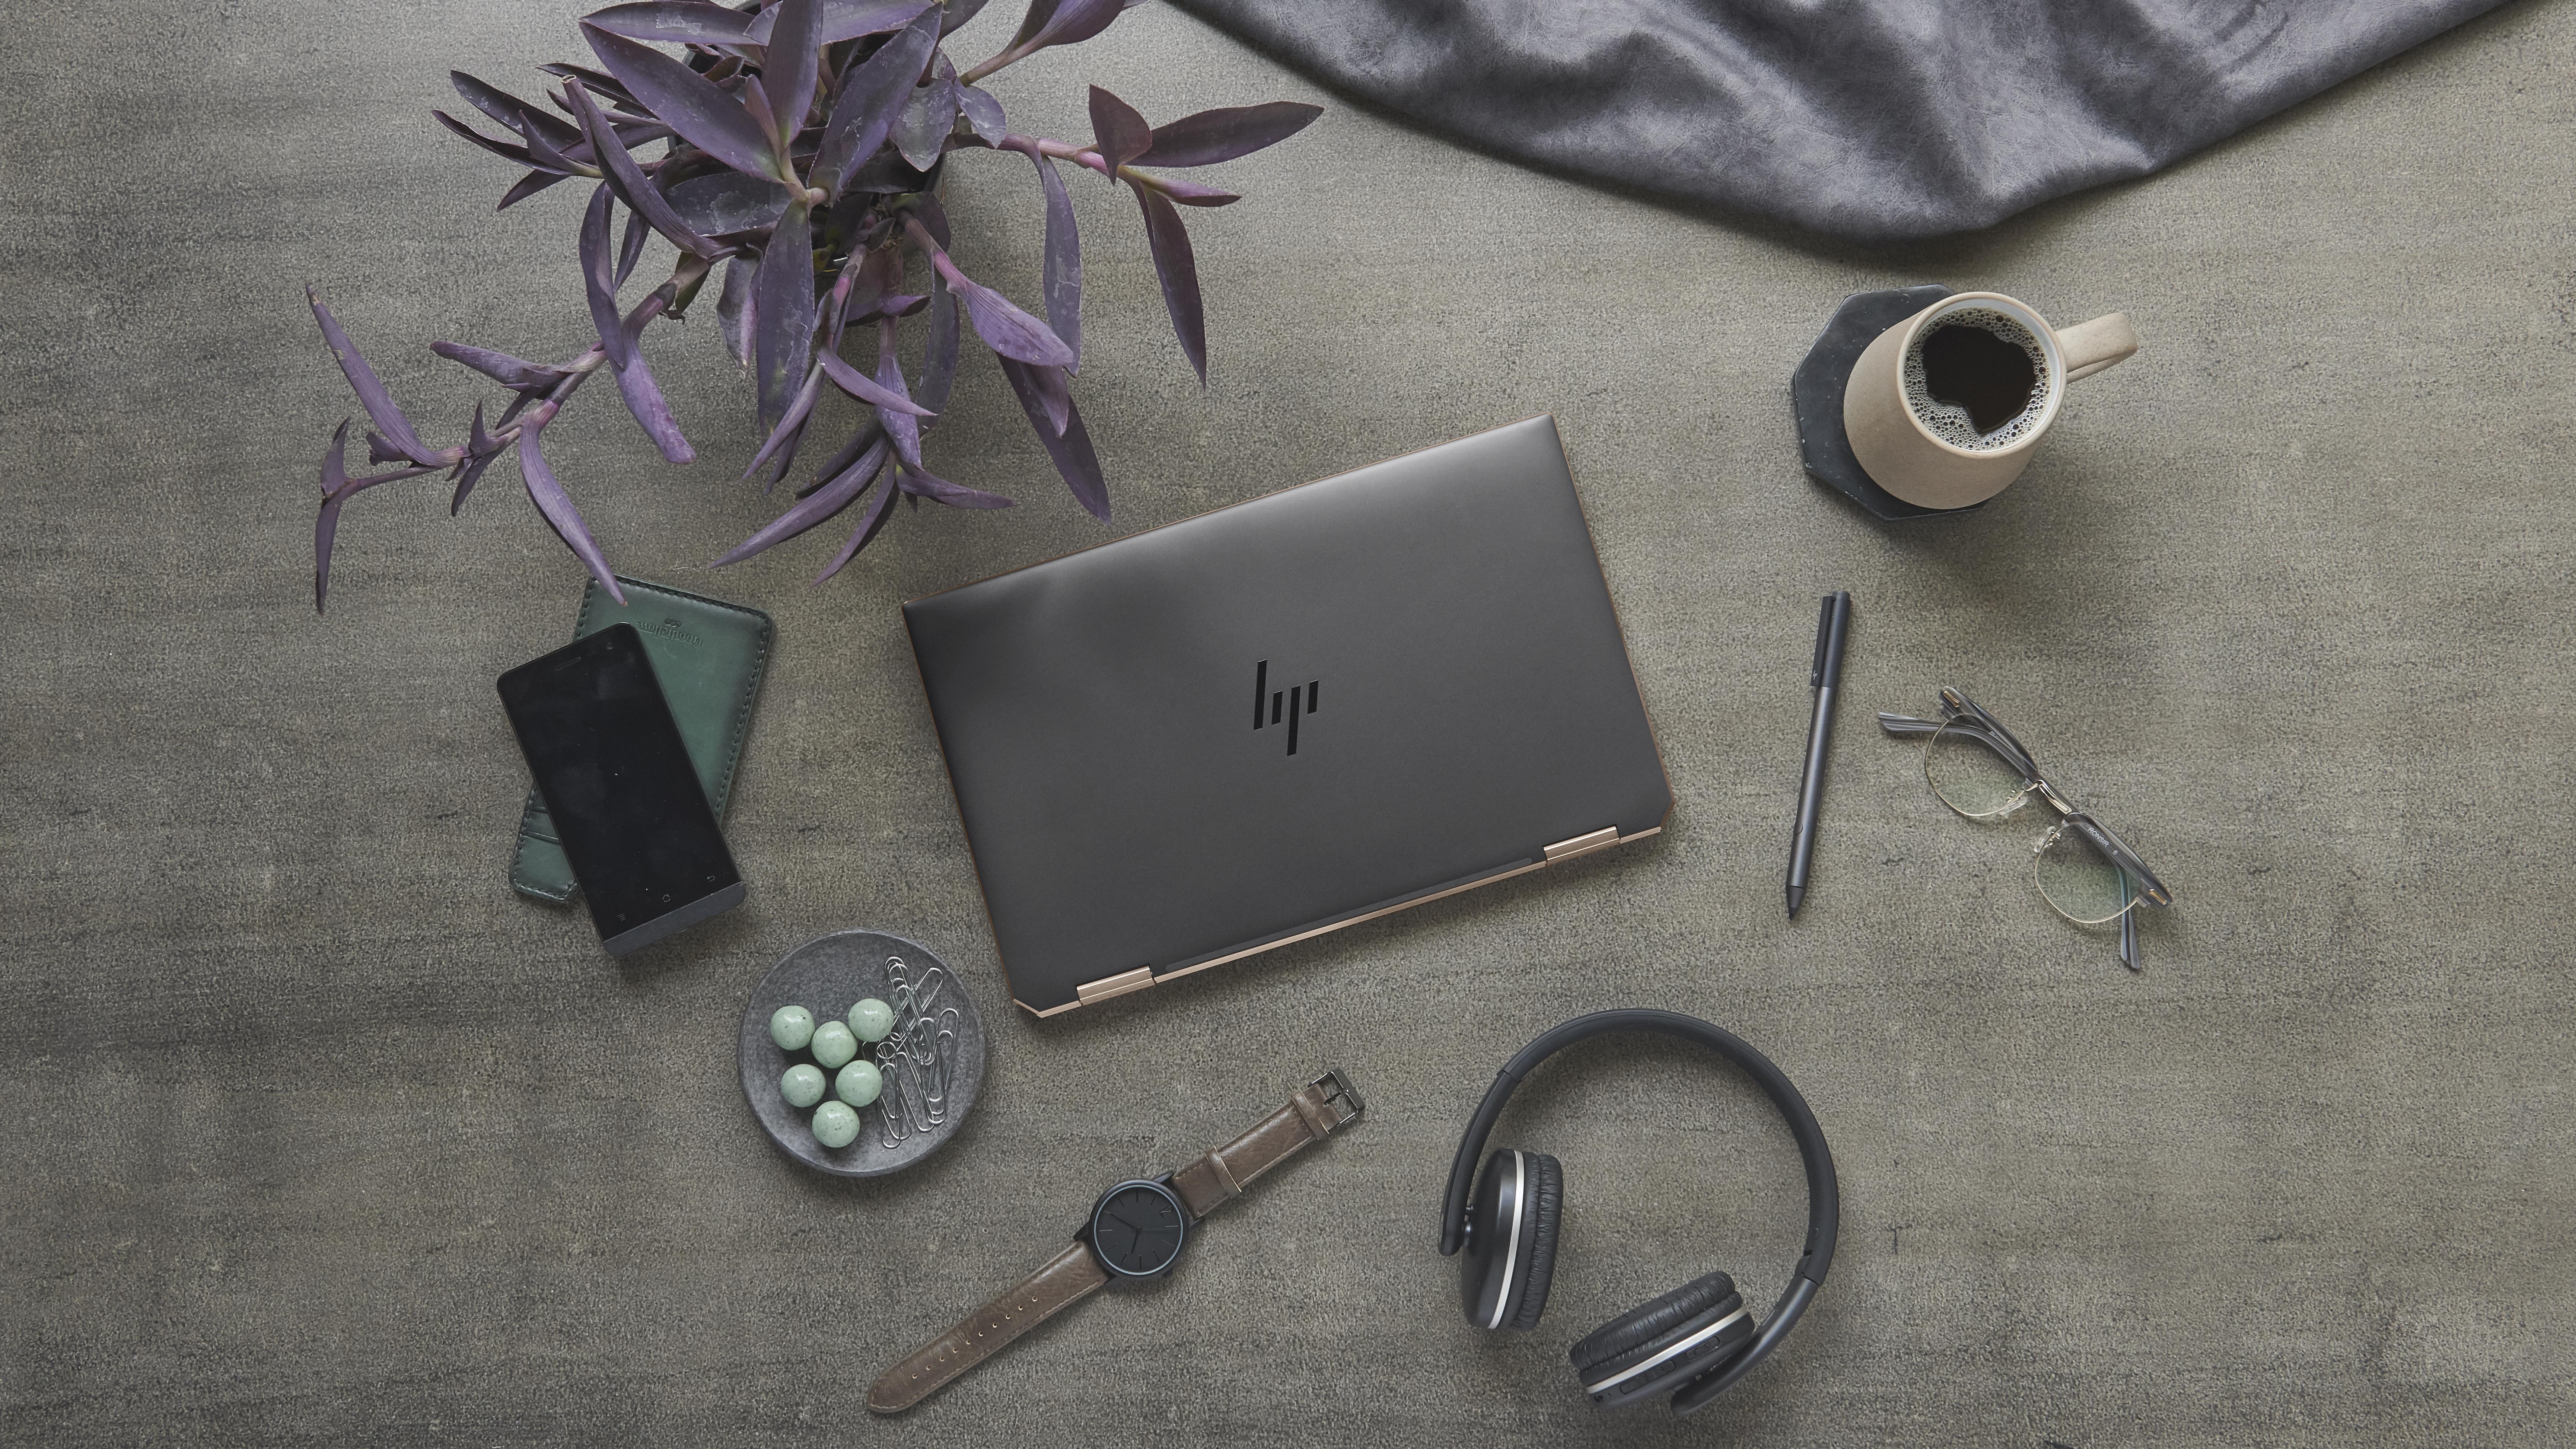 HP presenta un portátil con acabados en madera natural y el convertible más pequeño del mundo